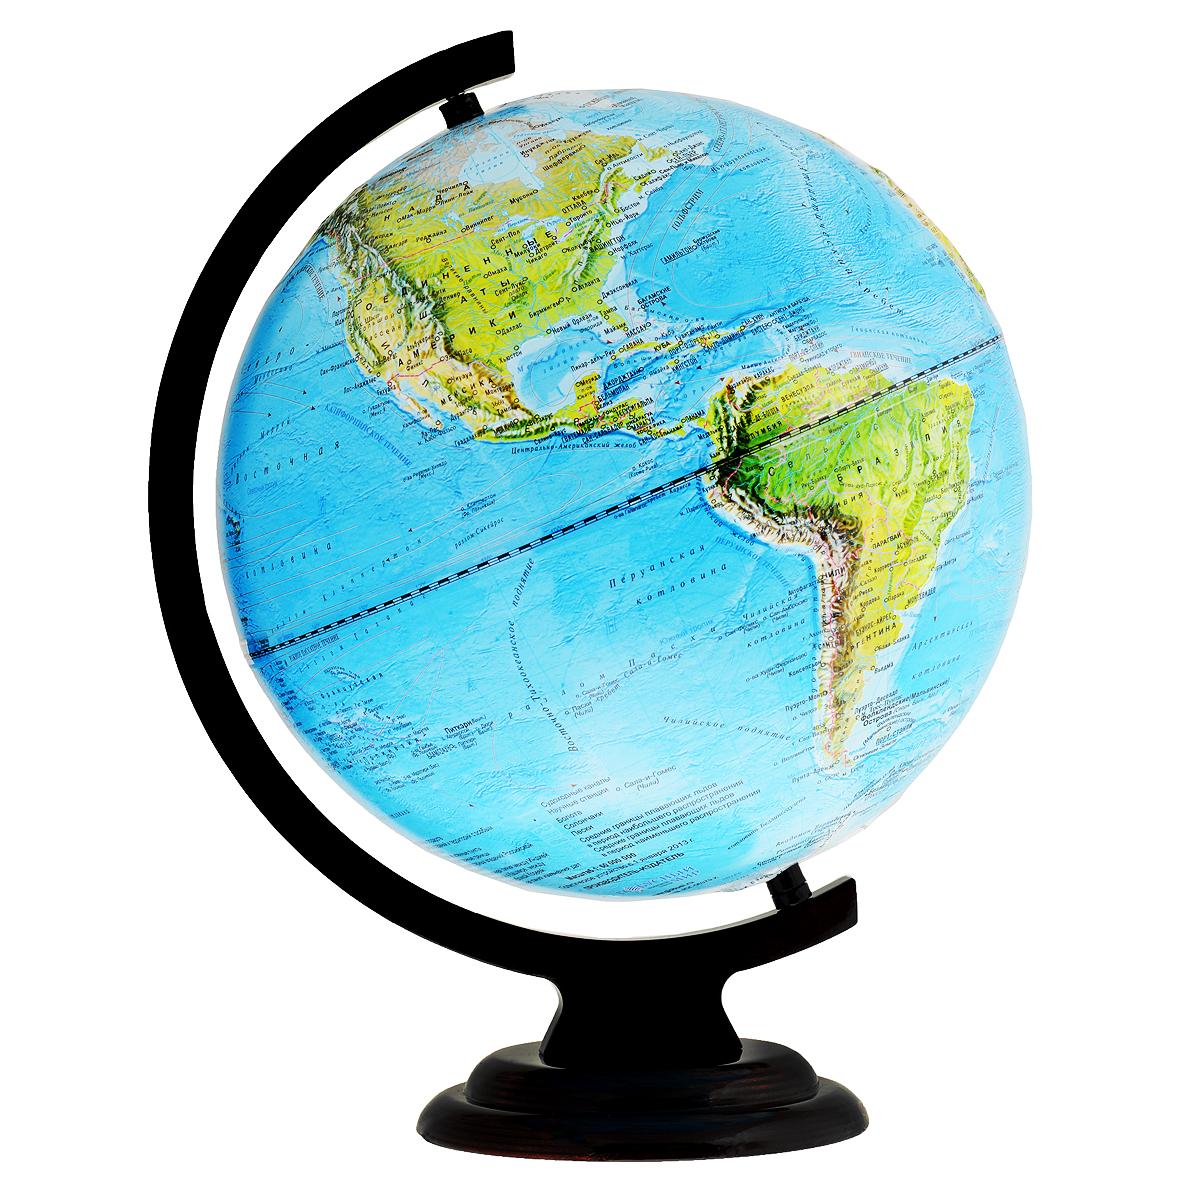 Глобус настольный, рельефный, с физической картой мира, диаметр 32 см. 10246